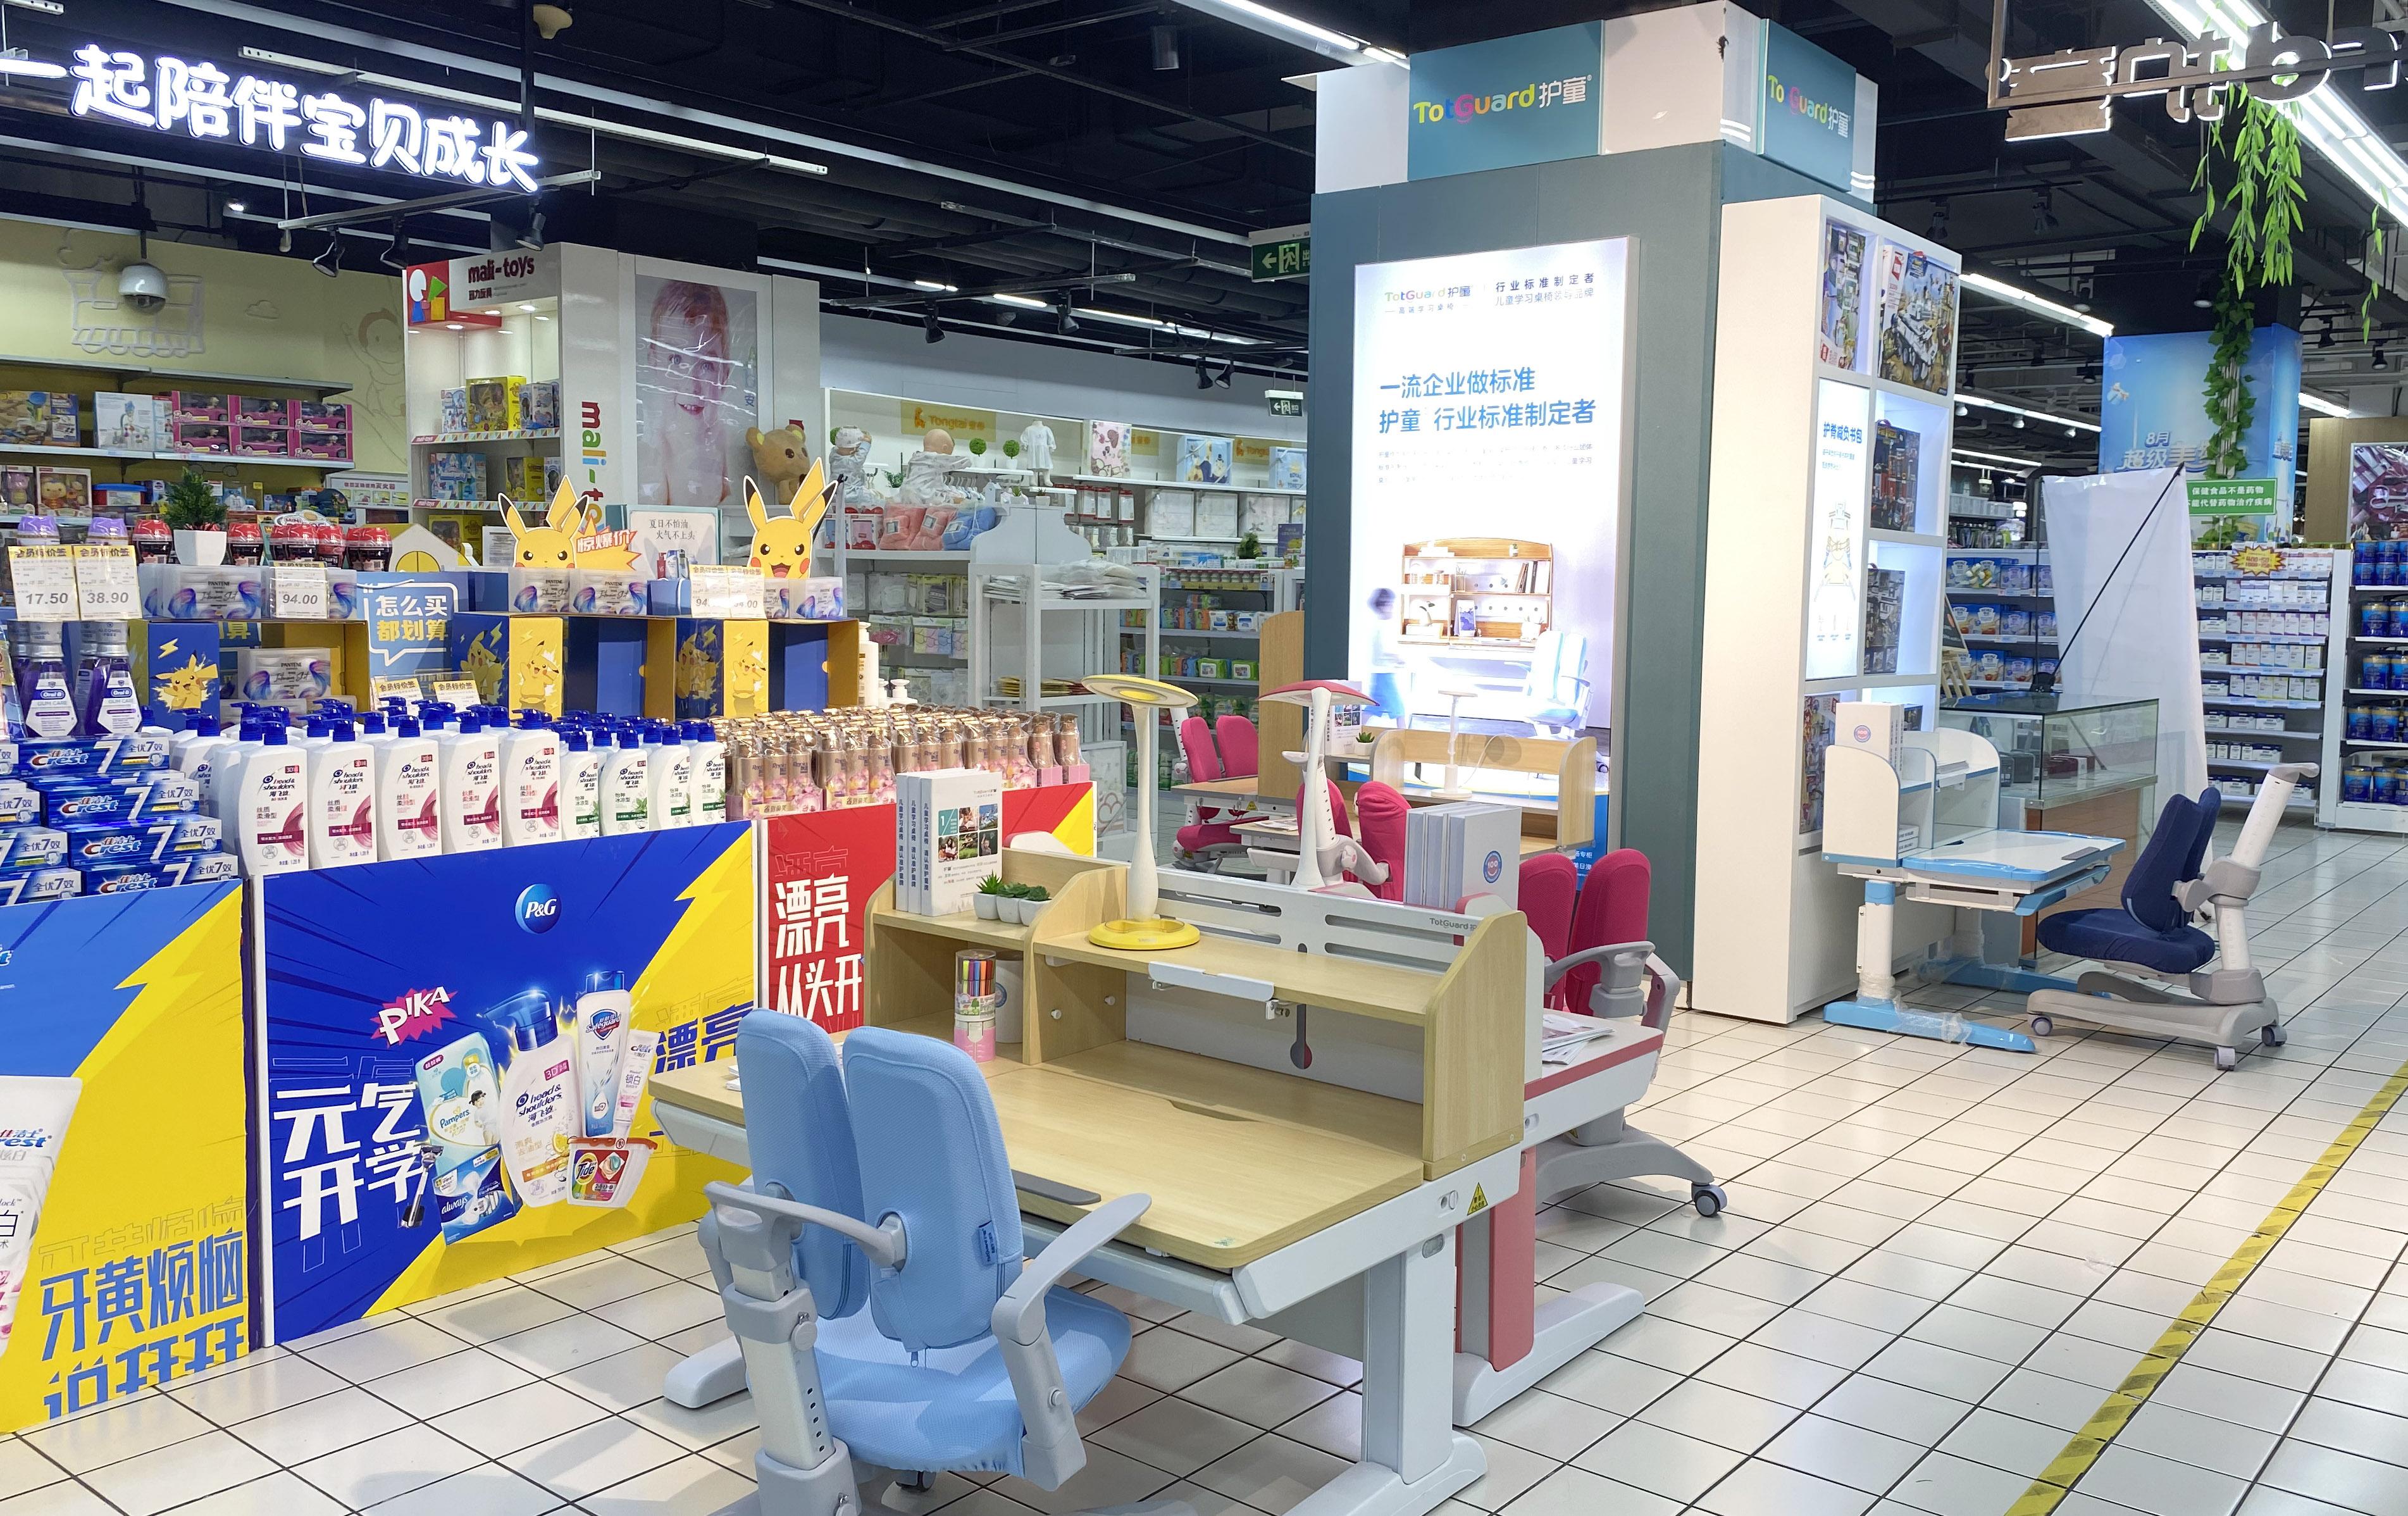 热烈祝贺护童第2109家杭州新塘世纪联华护童专柜盛大开业!